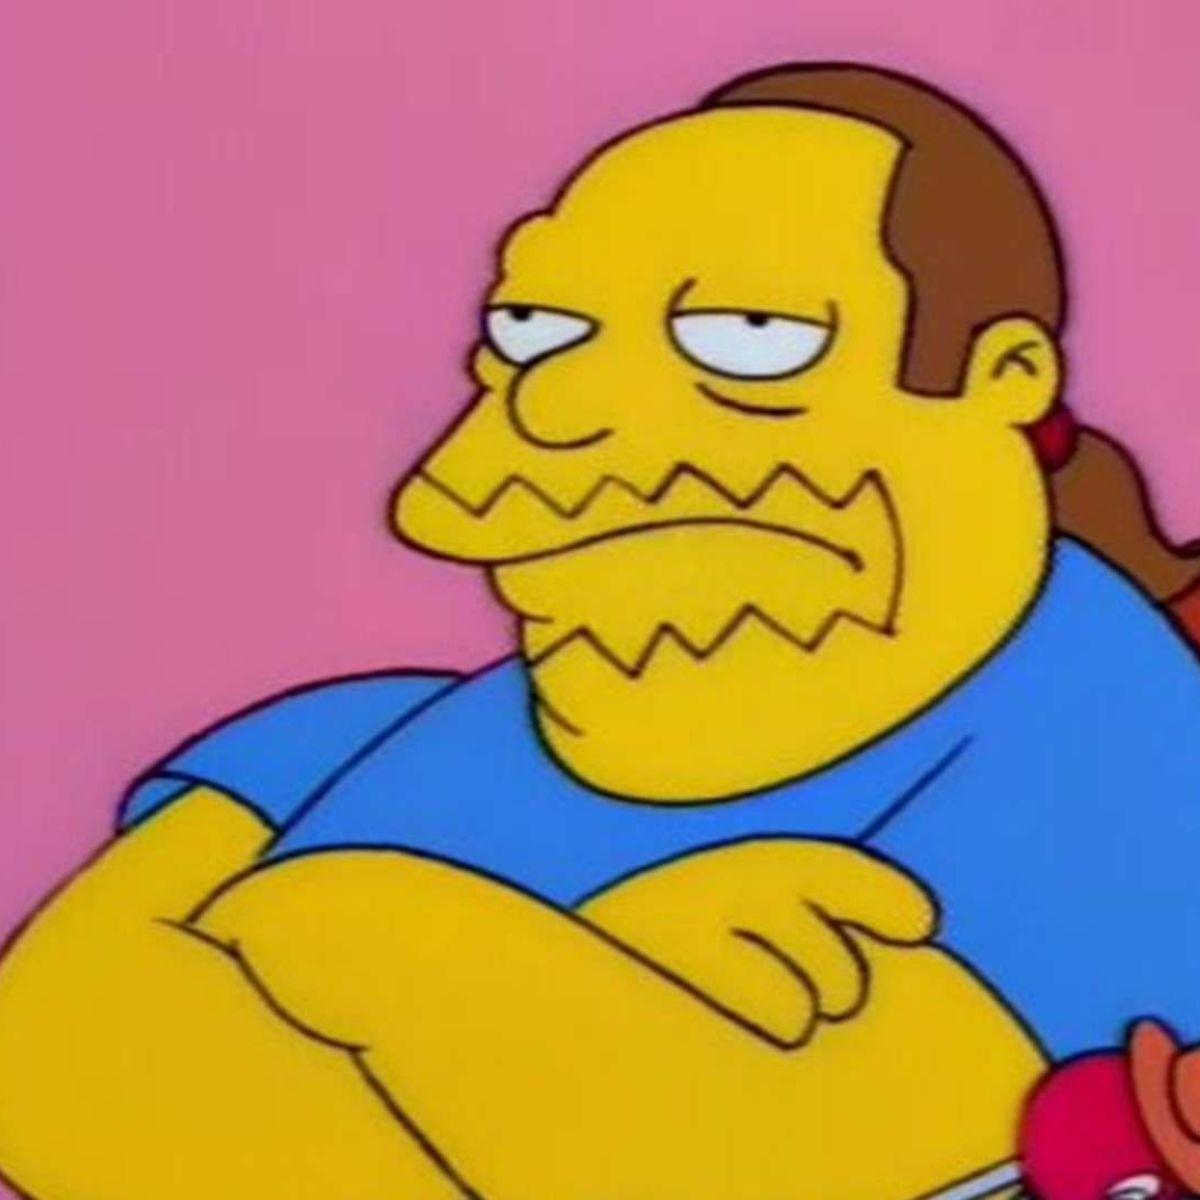 Simpsons Comic Book Guy